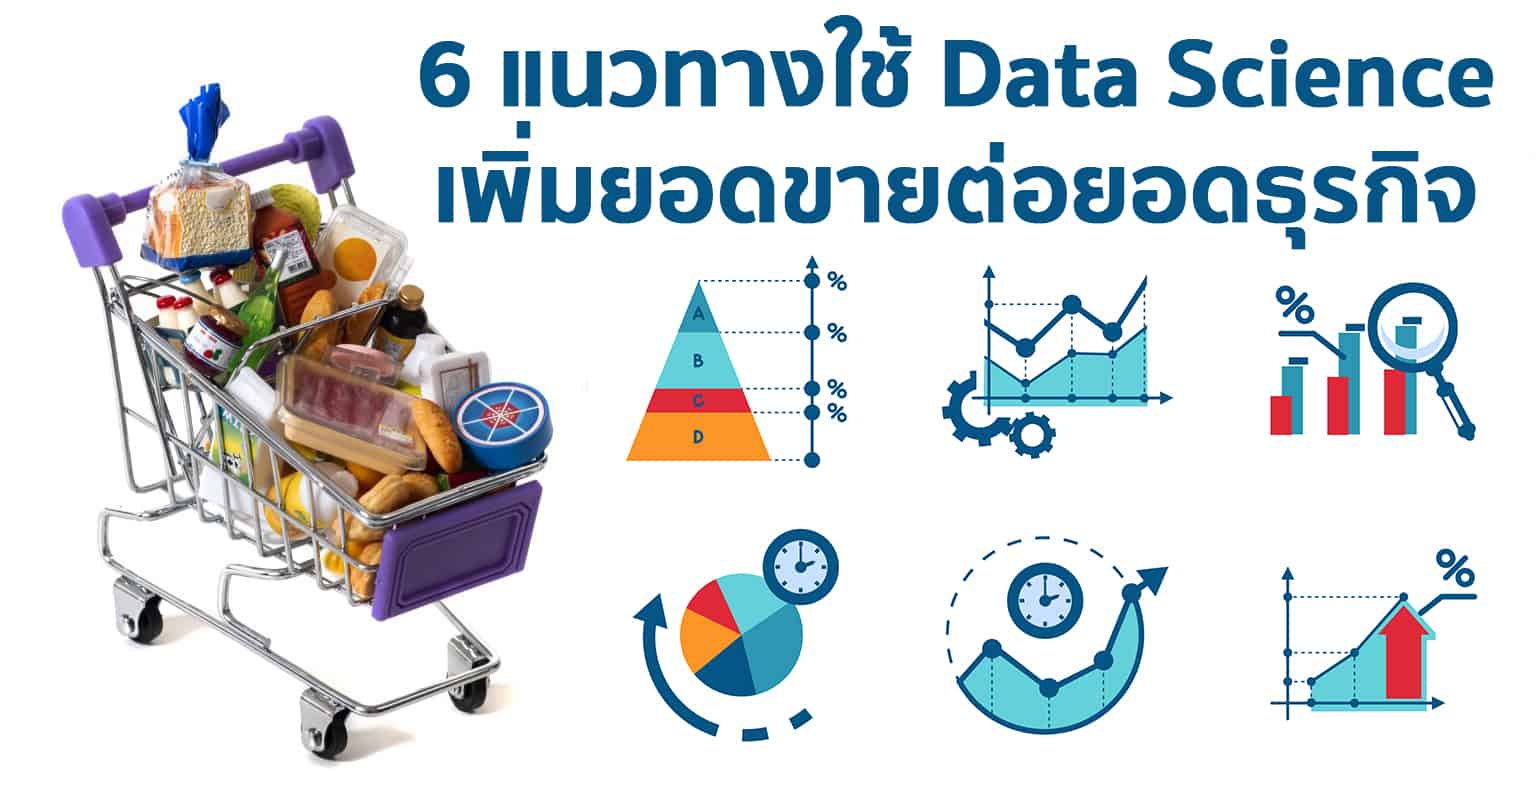 6 แนวทางการใช้ Data Science เพื่อ Cross-sell & Upsell อย่างมีประสิทธิภาพ